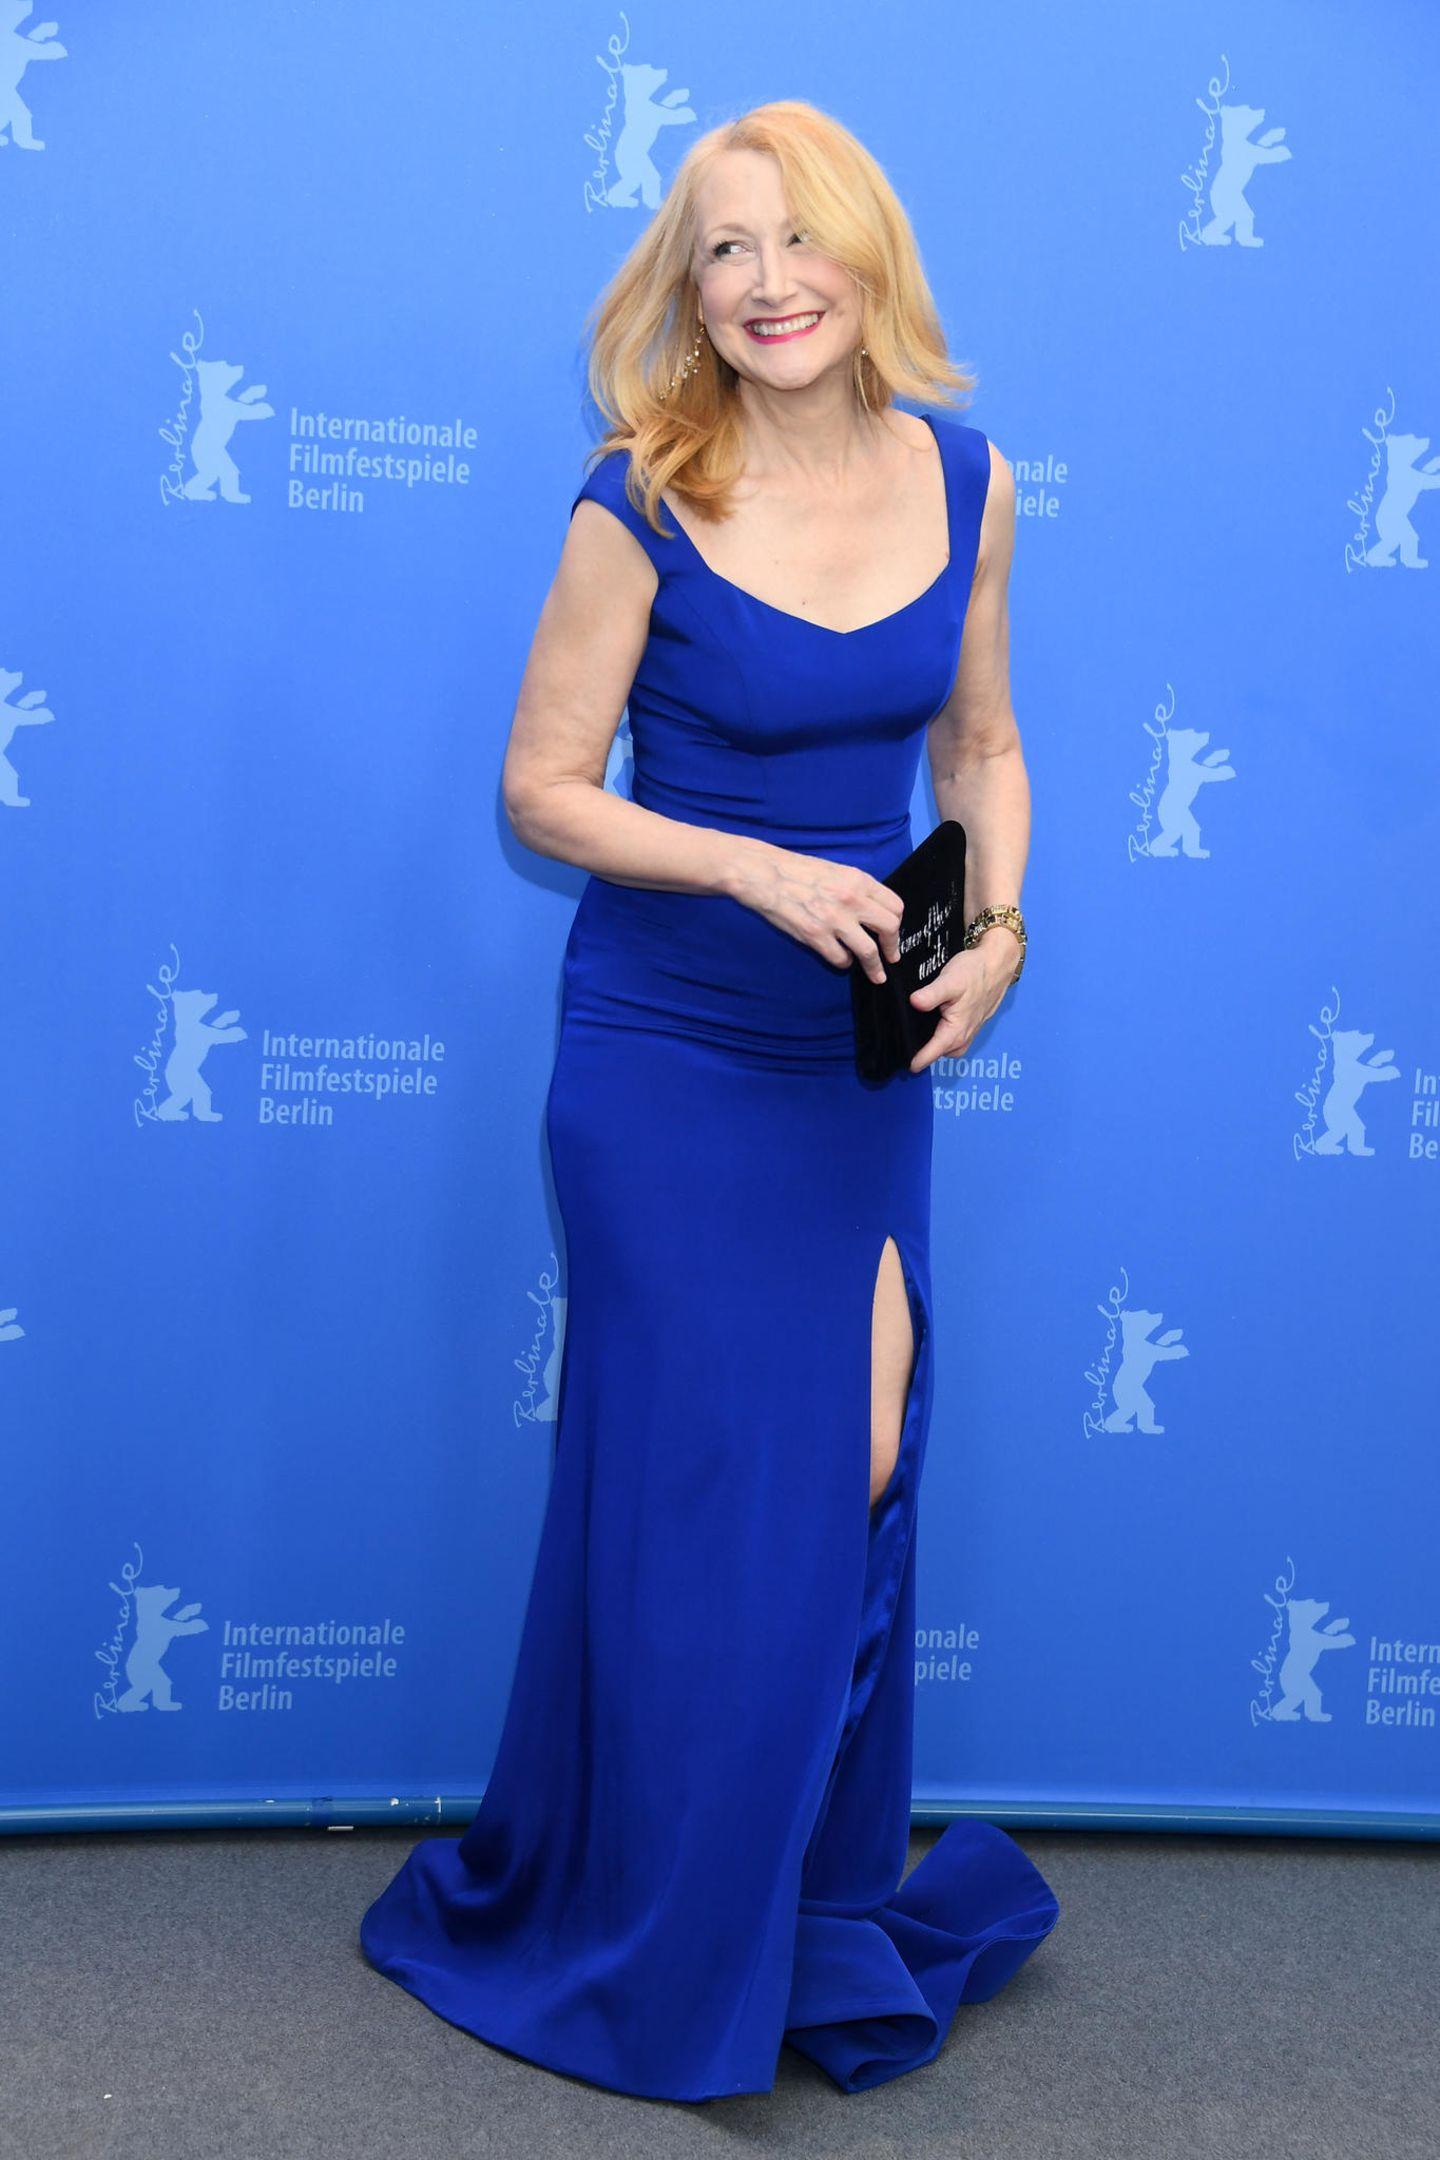 Patricia Clarksons Robe passt farblich nicht nur ausgezeichnet zur Berlinale-Fotowand, sie ist zudem eine gute Wahl für die glamourösen Filmfestpsiele.